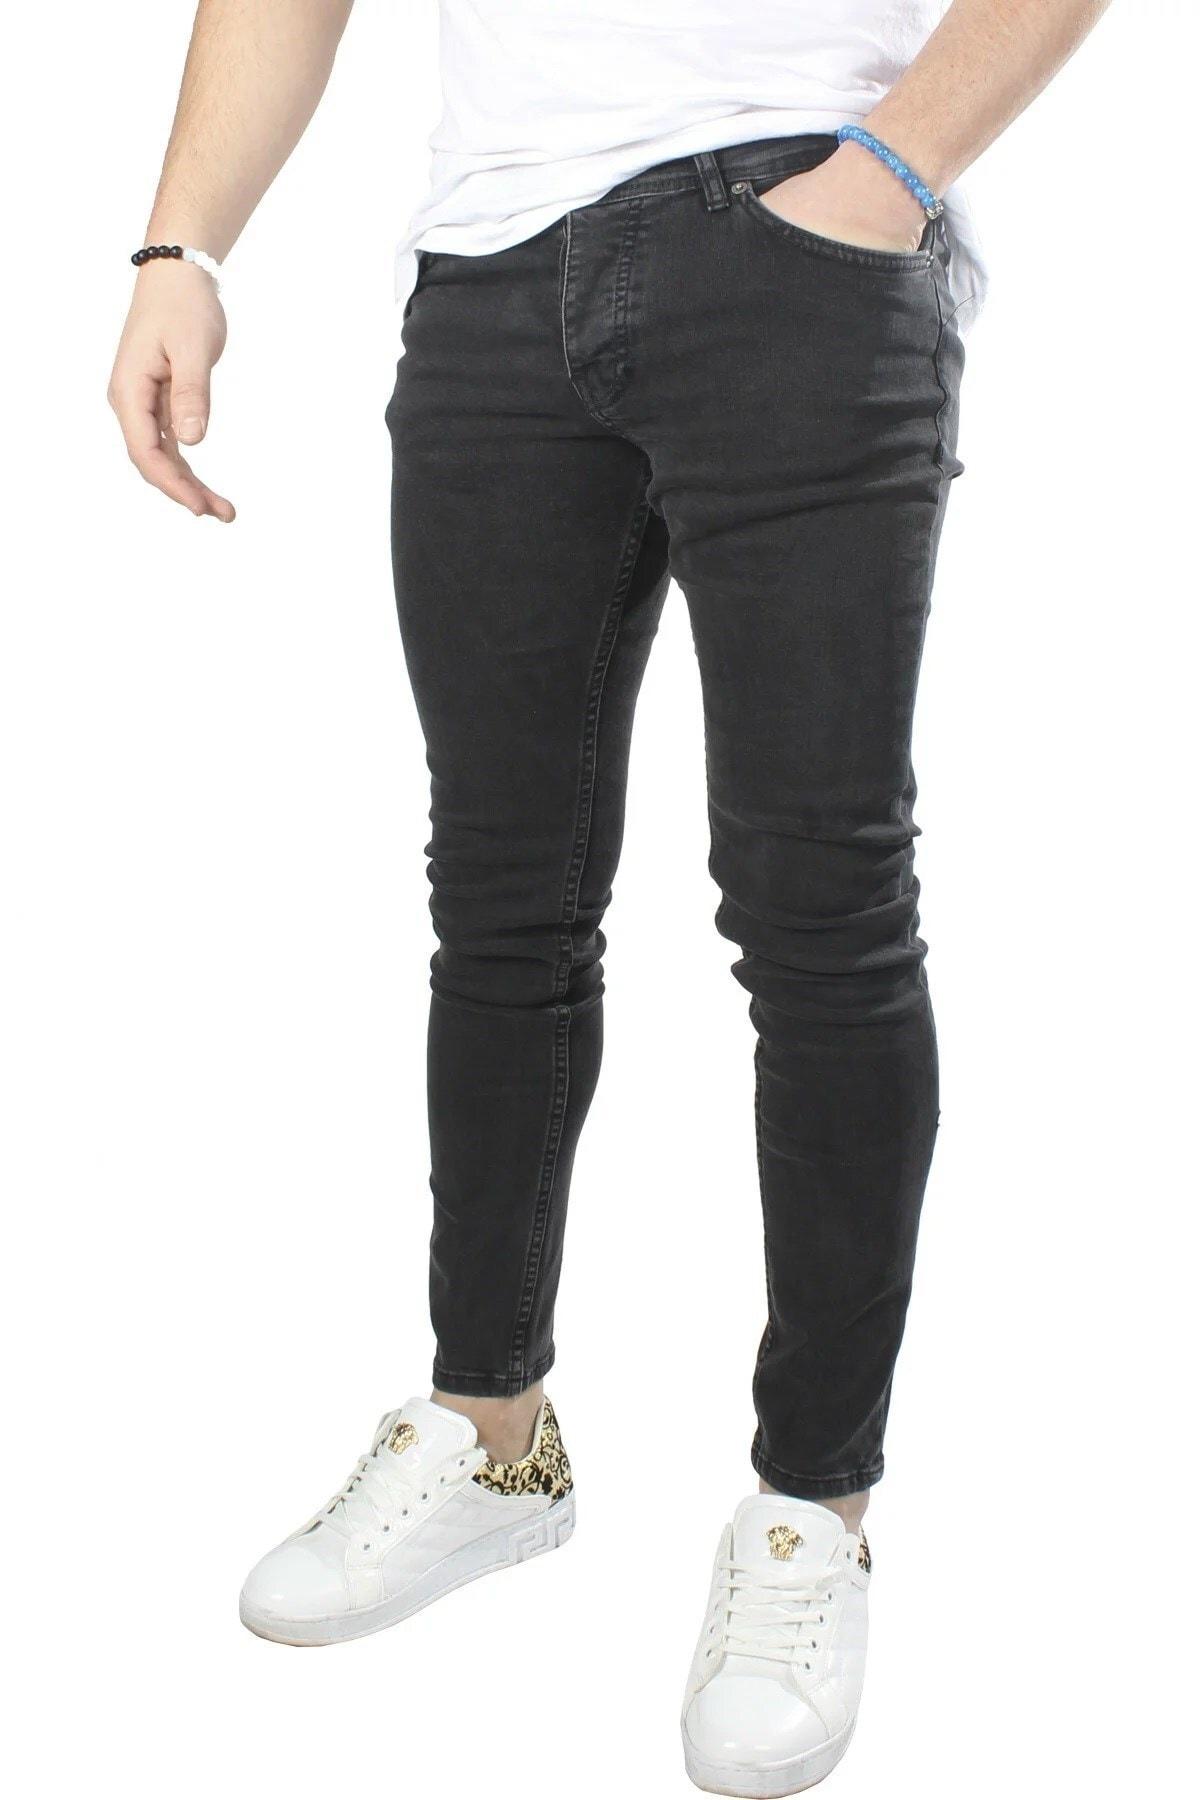 Erkek Kot Pantolon 8K-2100306-004-1 Füme